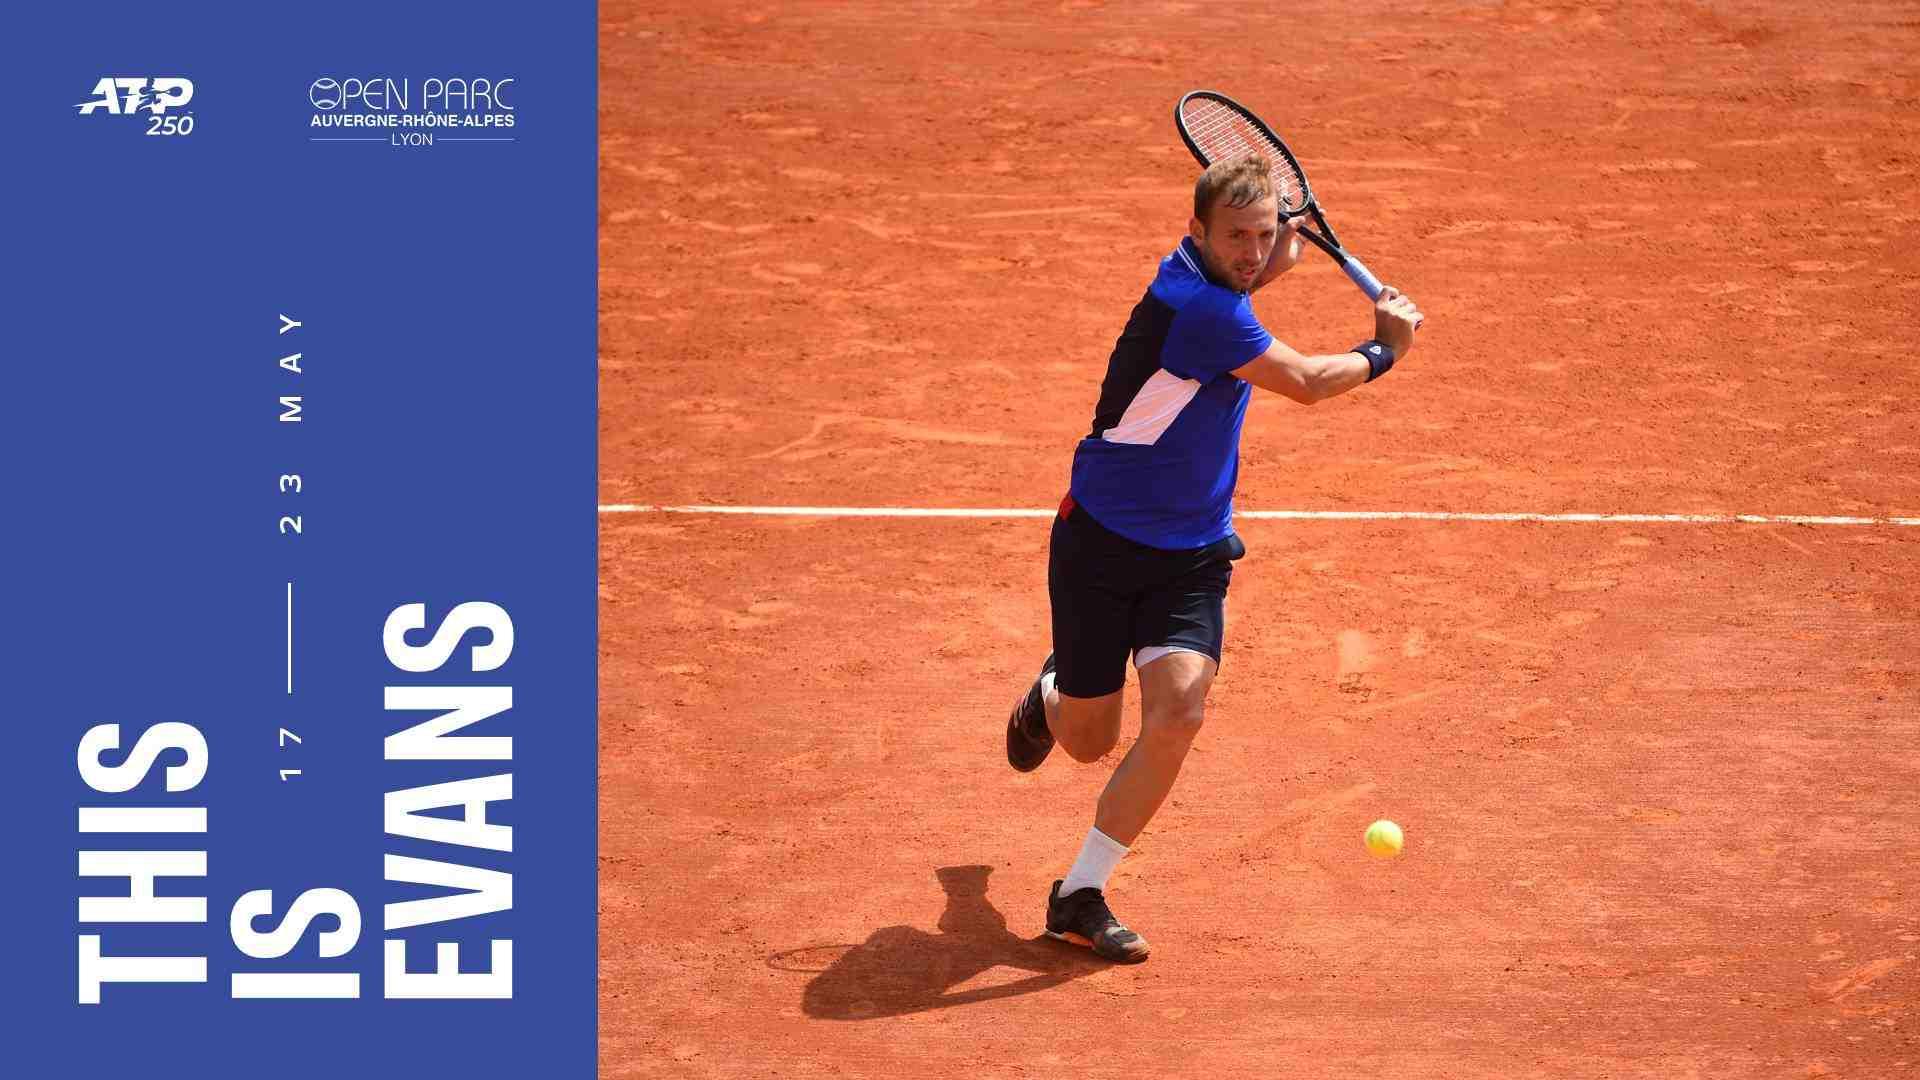 Annulée en 2020, en raison de la crise sanitaire, la 4e édition du tournoi de tennis Open Parc Auvergne-Rhône-Alpes débute ce lundi 17 mai au parc de la Tête d'Or. Plusieurs Français sont attendus sur le court.